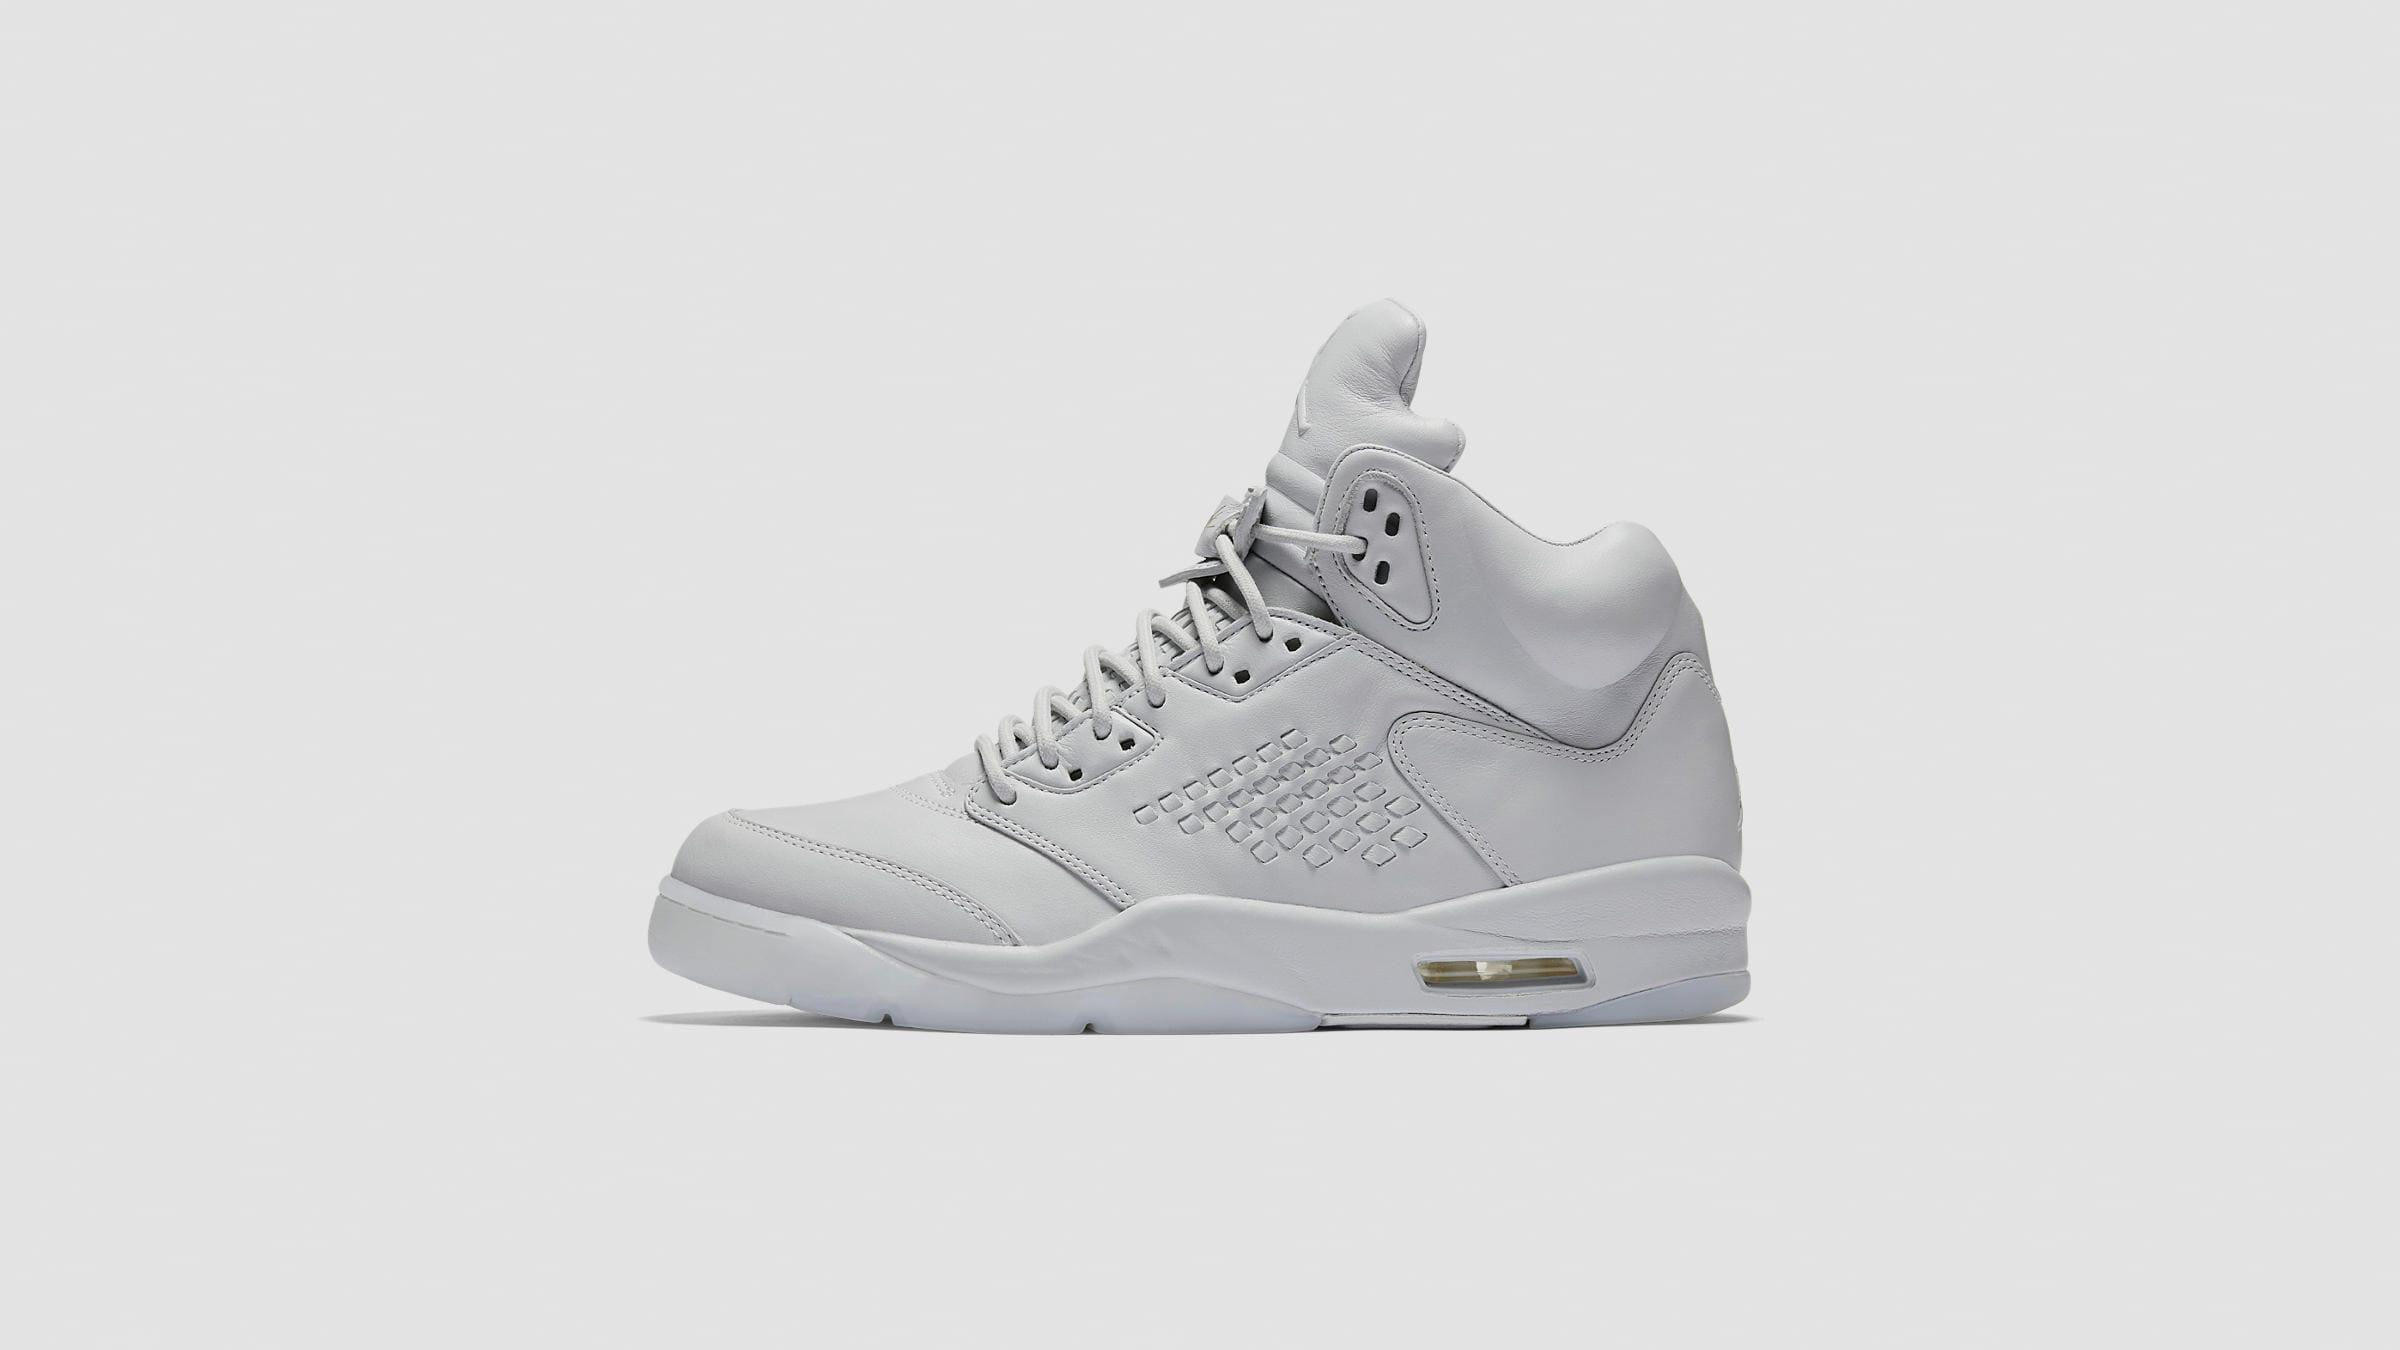 cf1f18af6278cb Nike Air Jordan 5 Premium Pure Platinum